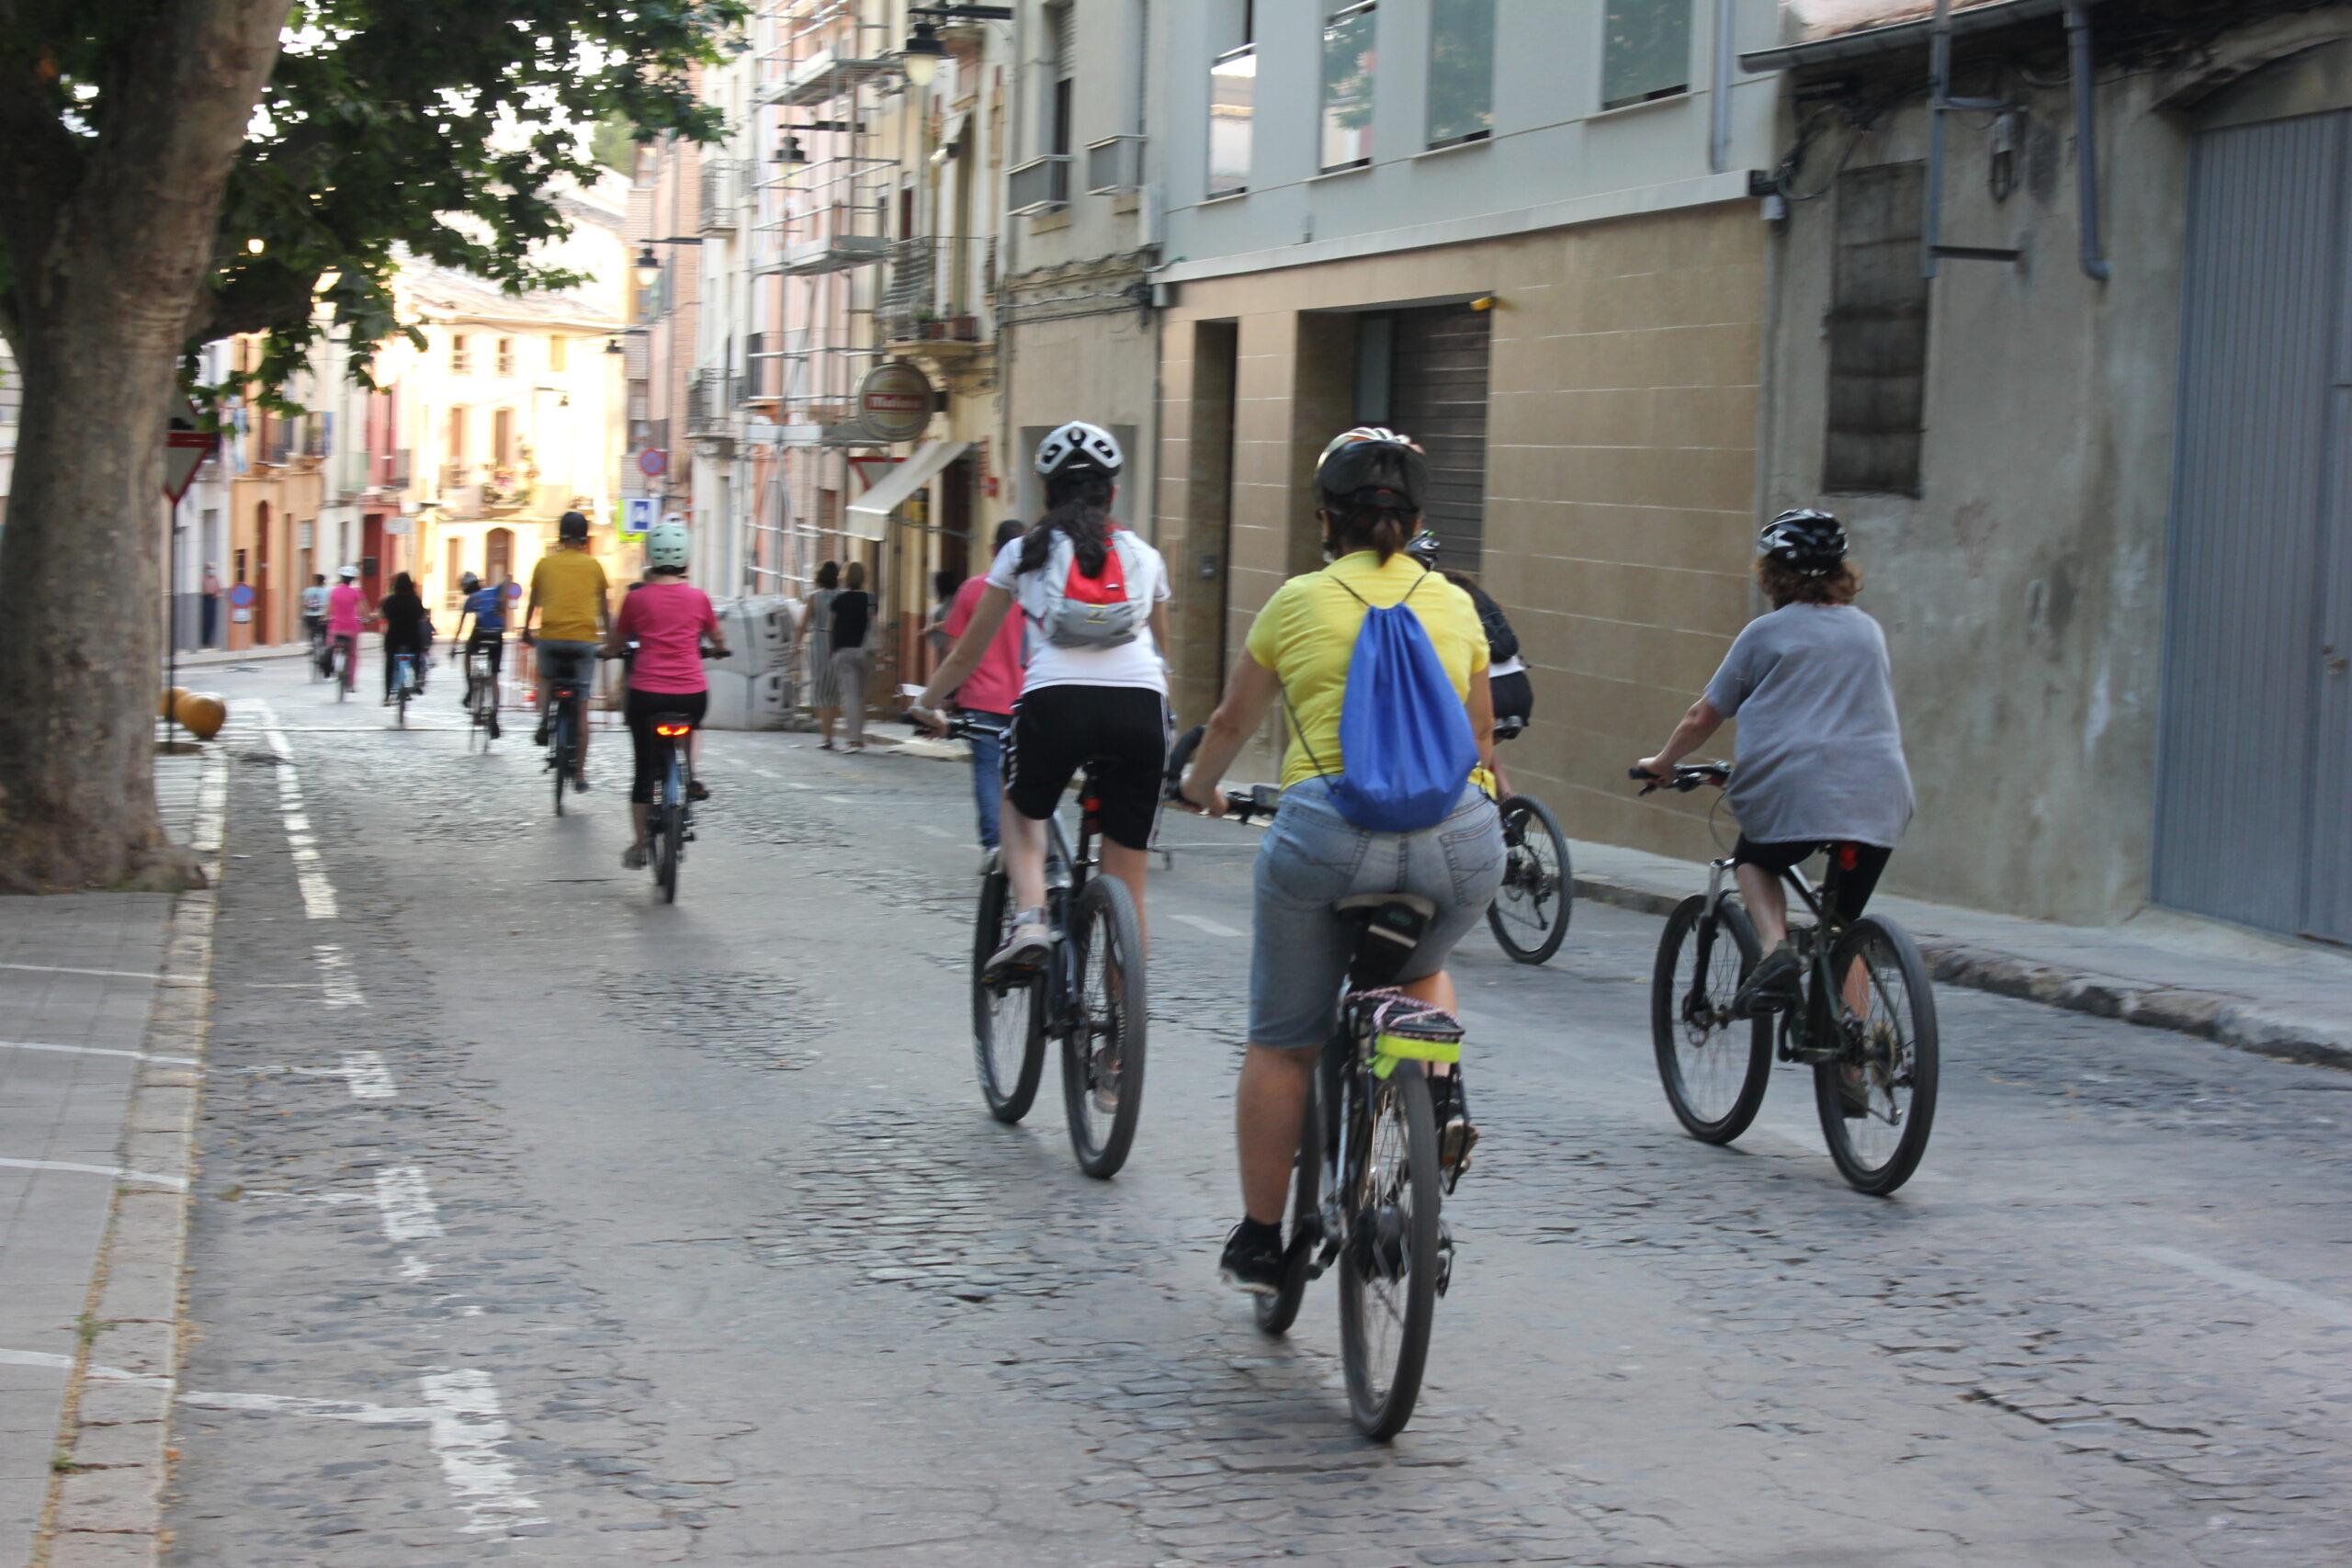 Ontinyent sensibilitza sobre la 'Ciutat a 30' en el Dia Mundial Sense Cotxes El Periòdic d'Ontinyent - Noticies a Ontinyent